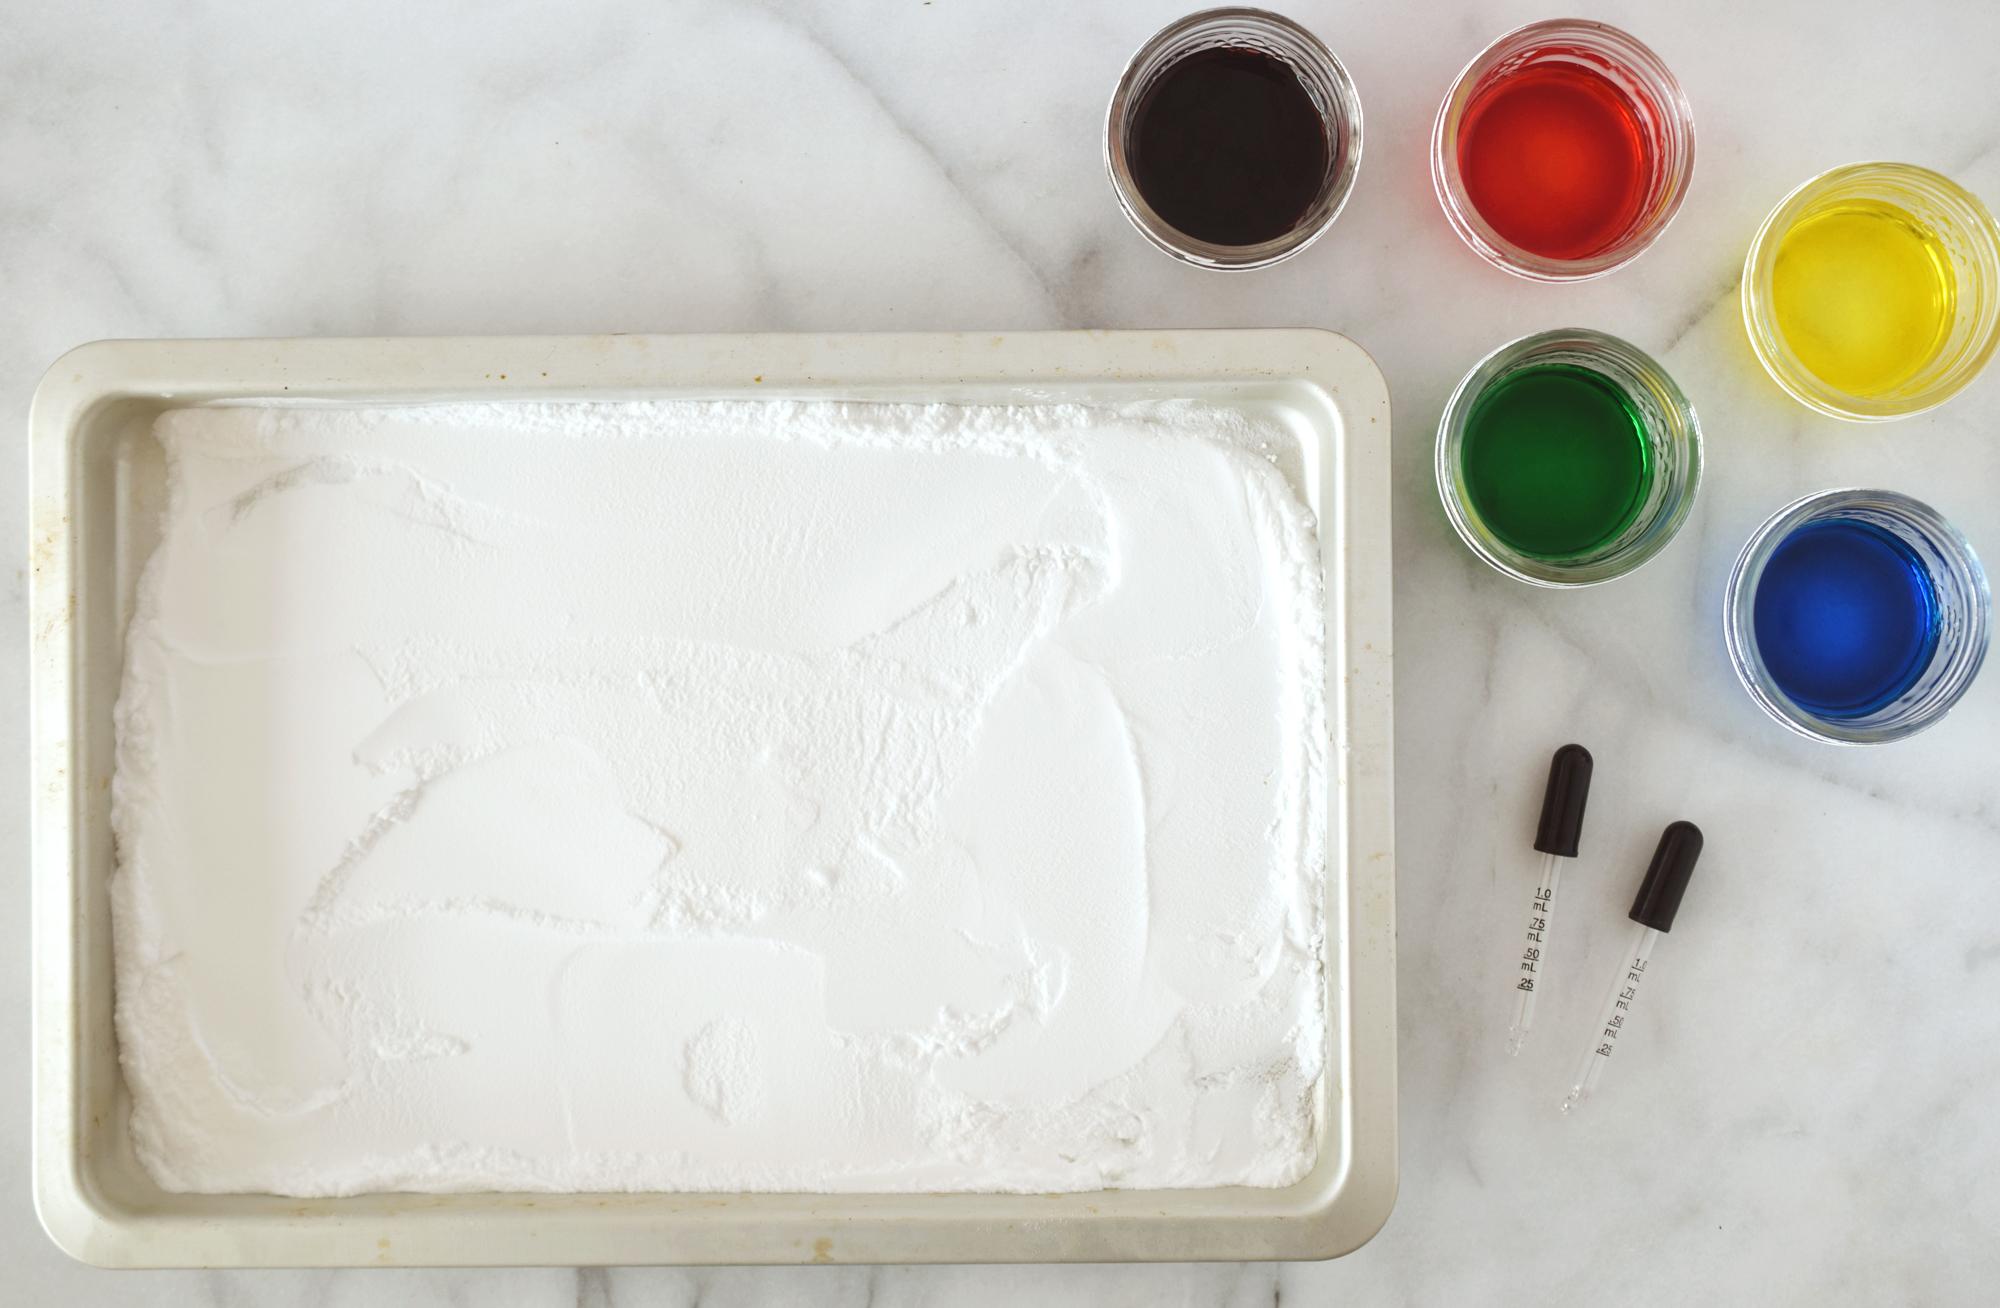 Baking Soda Vinegar Rainbow Science 13.jpg